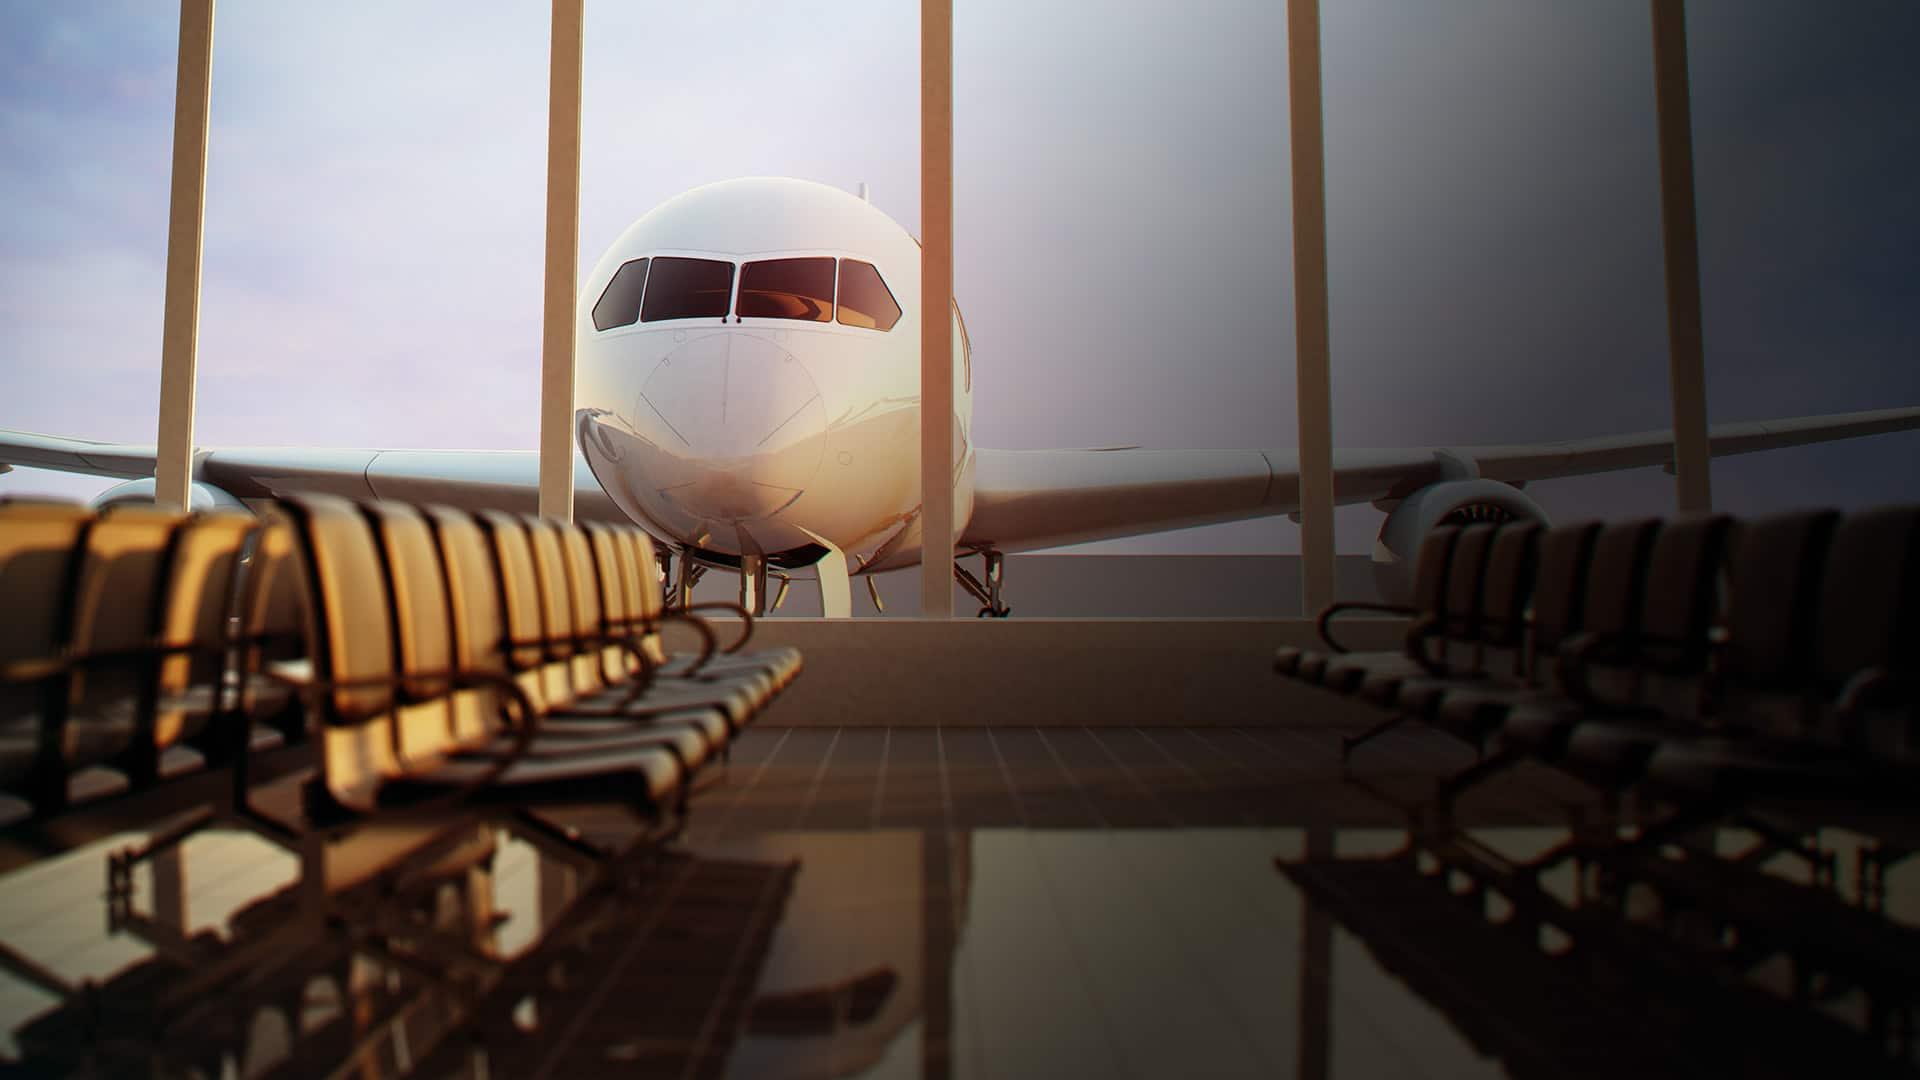 תוכנית עסקית למוצר TravelTech